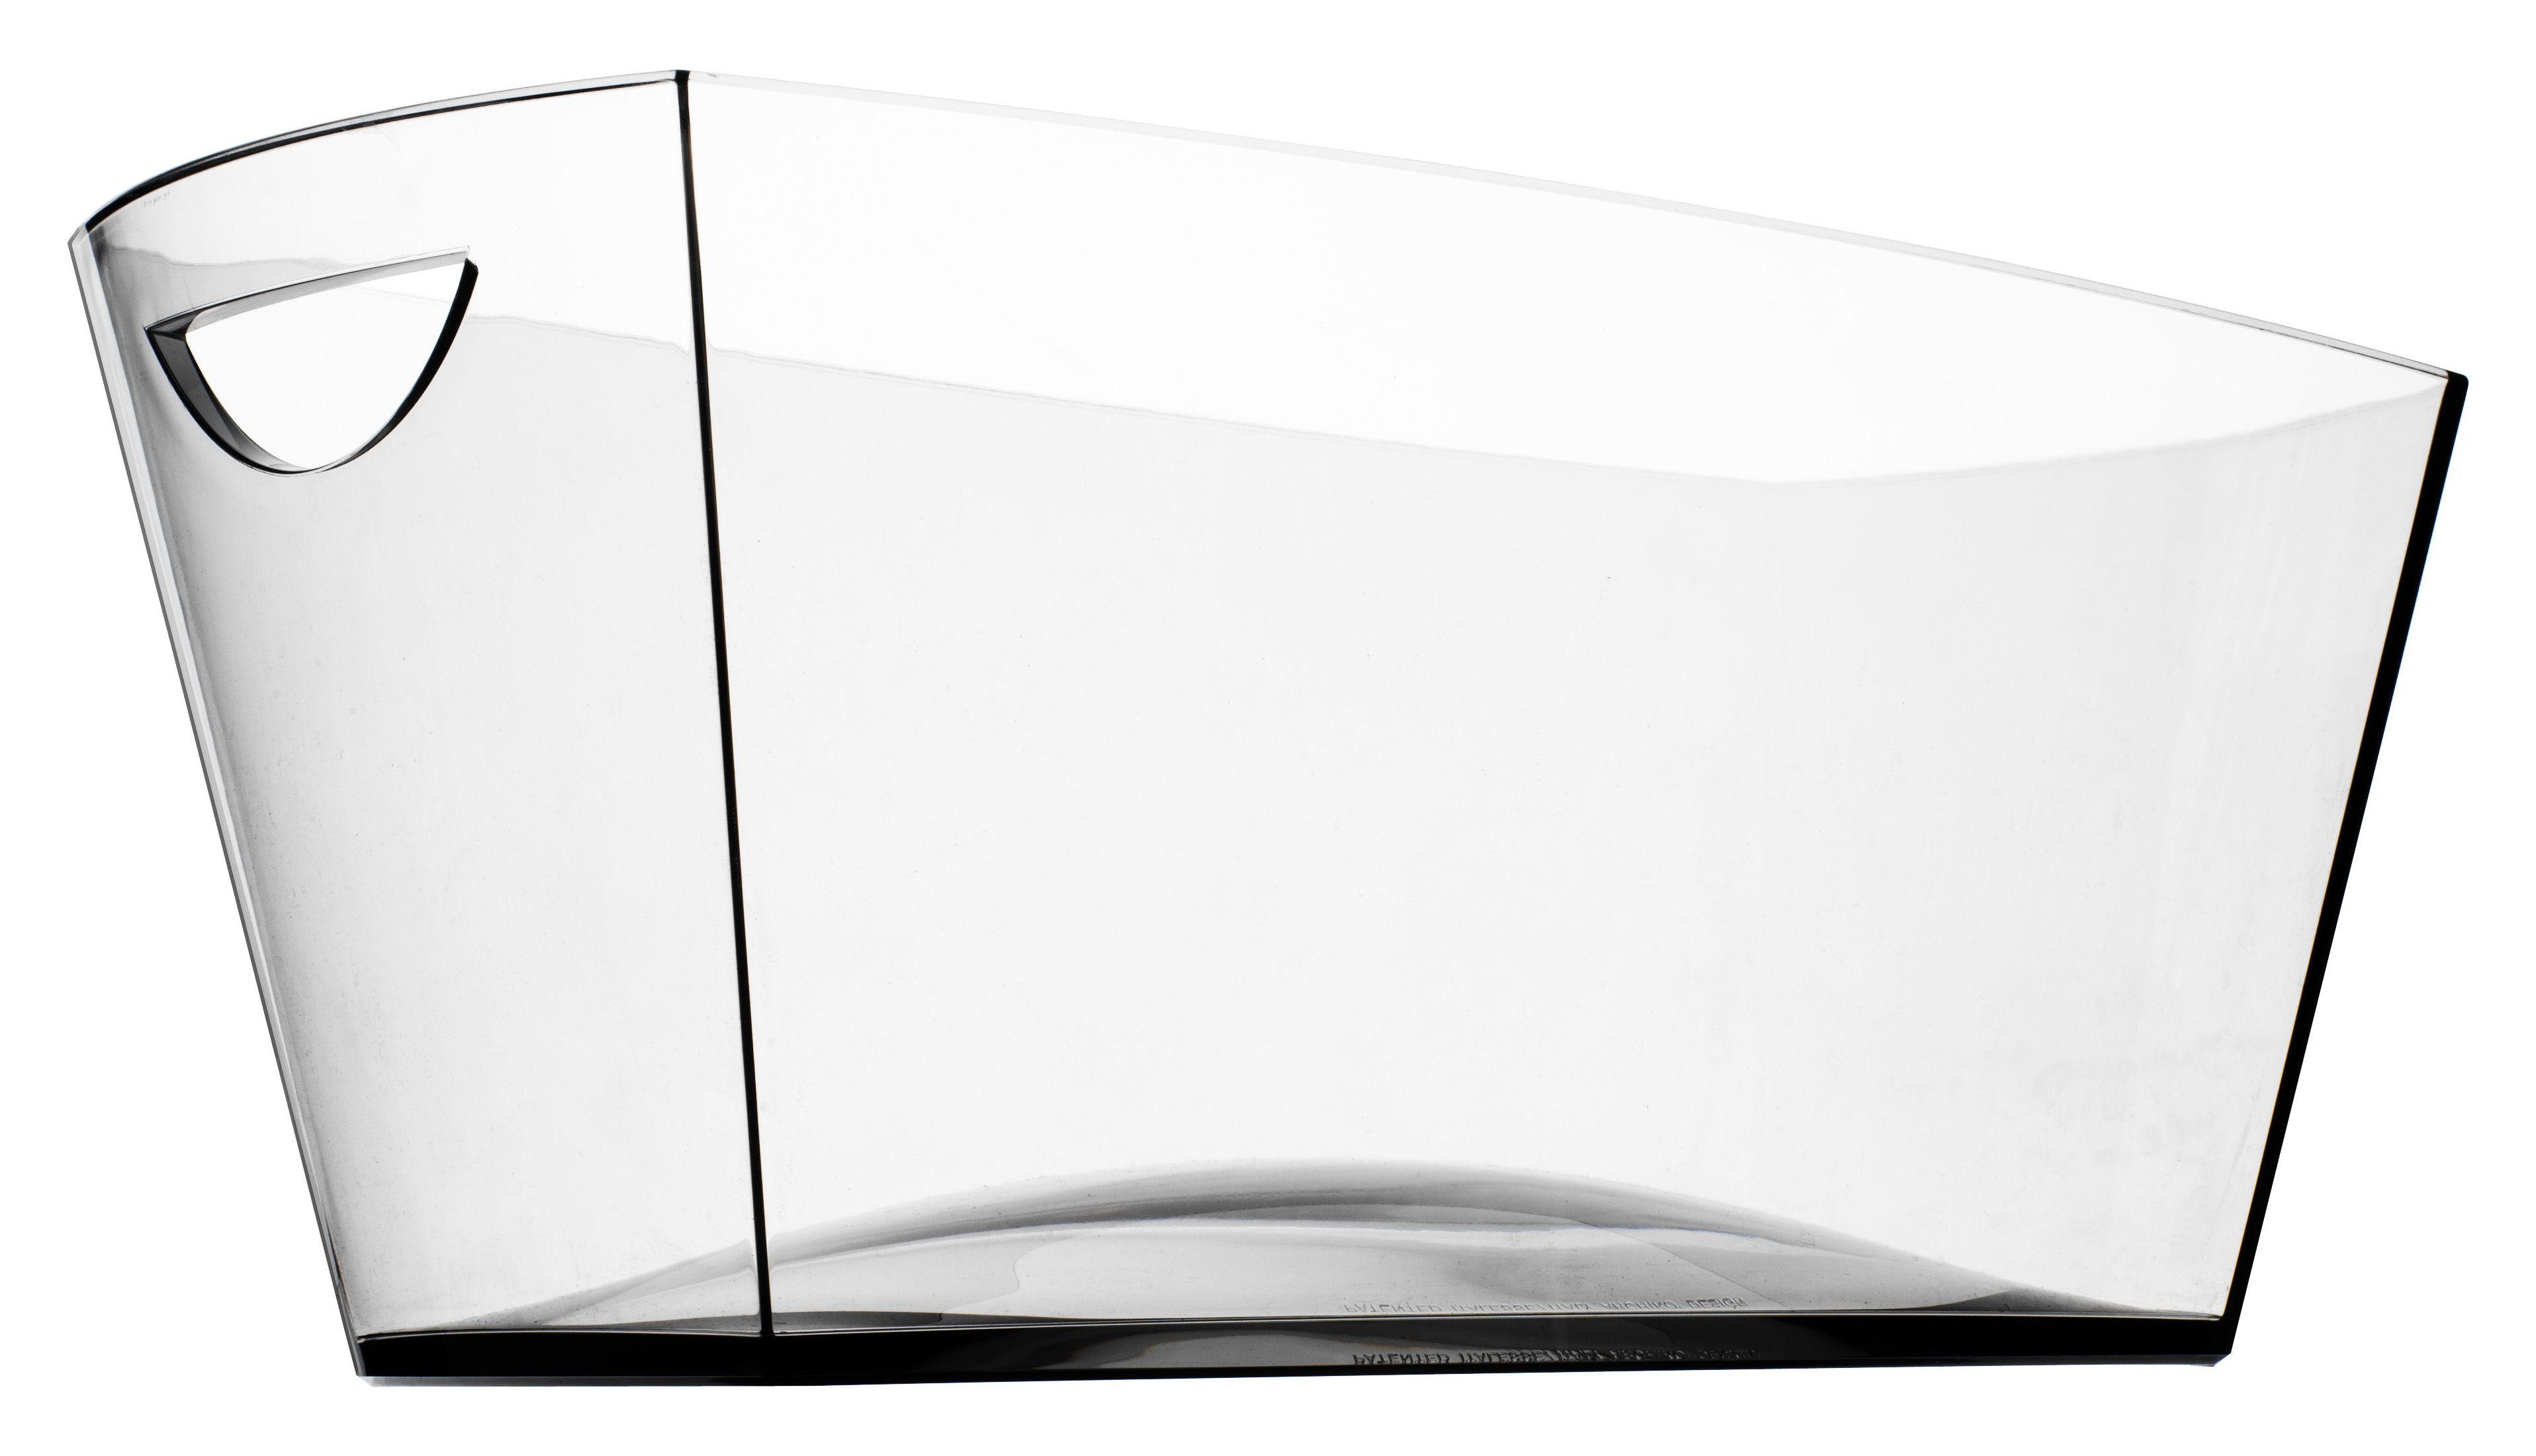 Tischkultur - Bar, Wein und Apéritif - Gran Pagoda Champagner-Kühler / für 6 Flaschen - Italesse - Transparent - Acrylglas